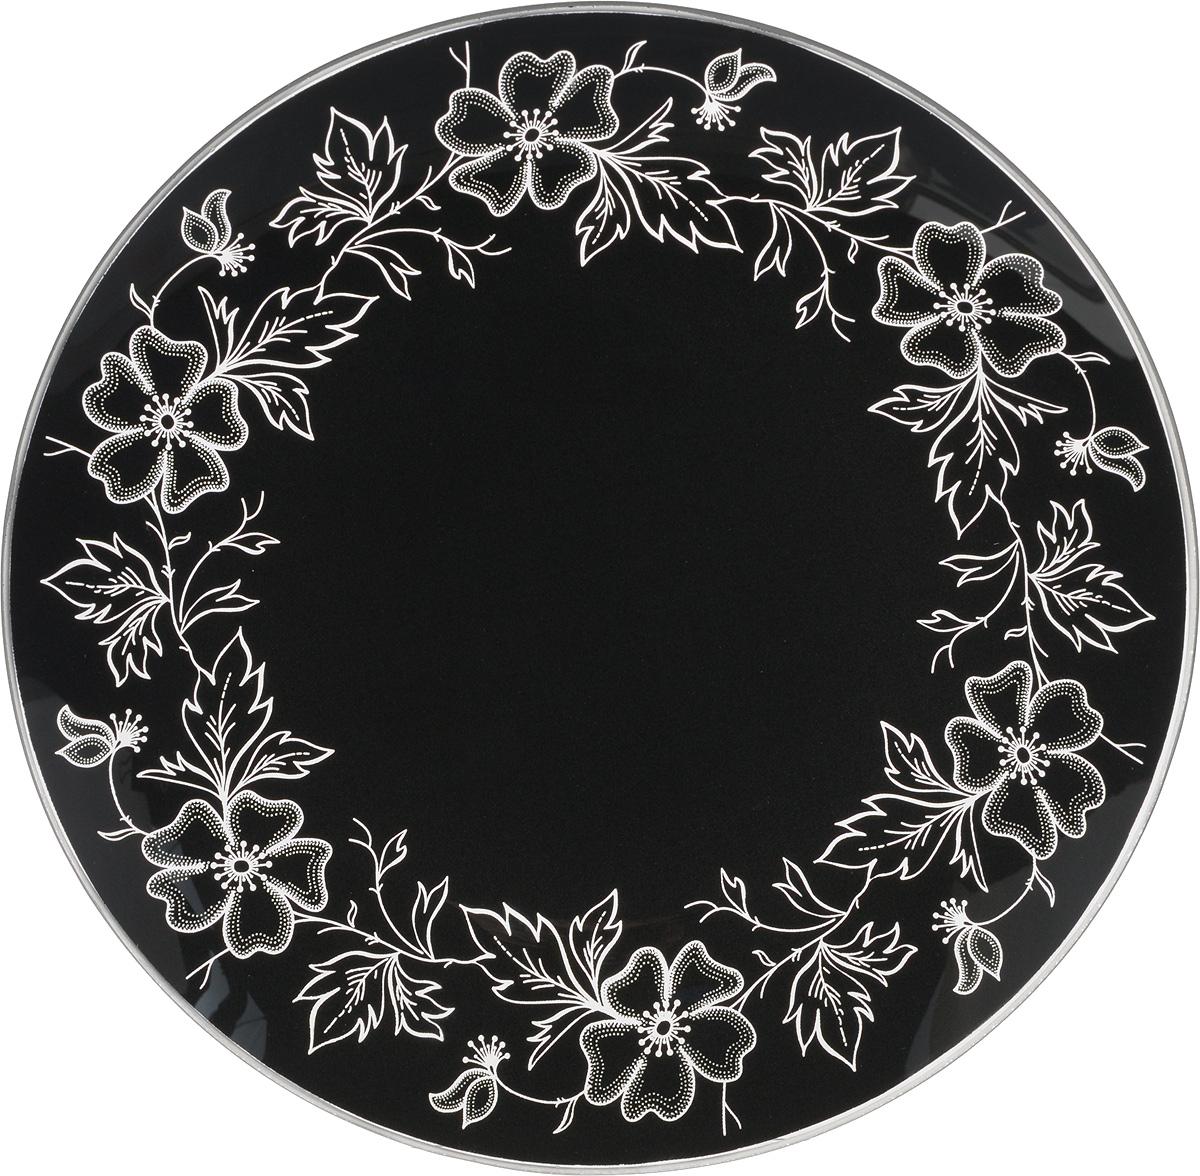 Тарелка NiNaGlass Лара, цвет: черный, диаметр 20 см85-200-075/чернТарелка NiNaGlass Лара выполнена из высококачественного стекла и оформлена красивым цветочным узором. Тарелка идеальна для подачи вторых блюд, а также сервировки закусок, нарезок, салатов, овощей и фруктов. Она отлично подойдет как для повседневных, так и для торжественных случаев. Такая тарелка прекрасно впишется в интерьер вашей кухни и станет достойным дополнением к кухонному инвентарю.